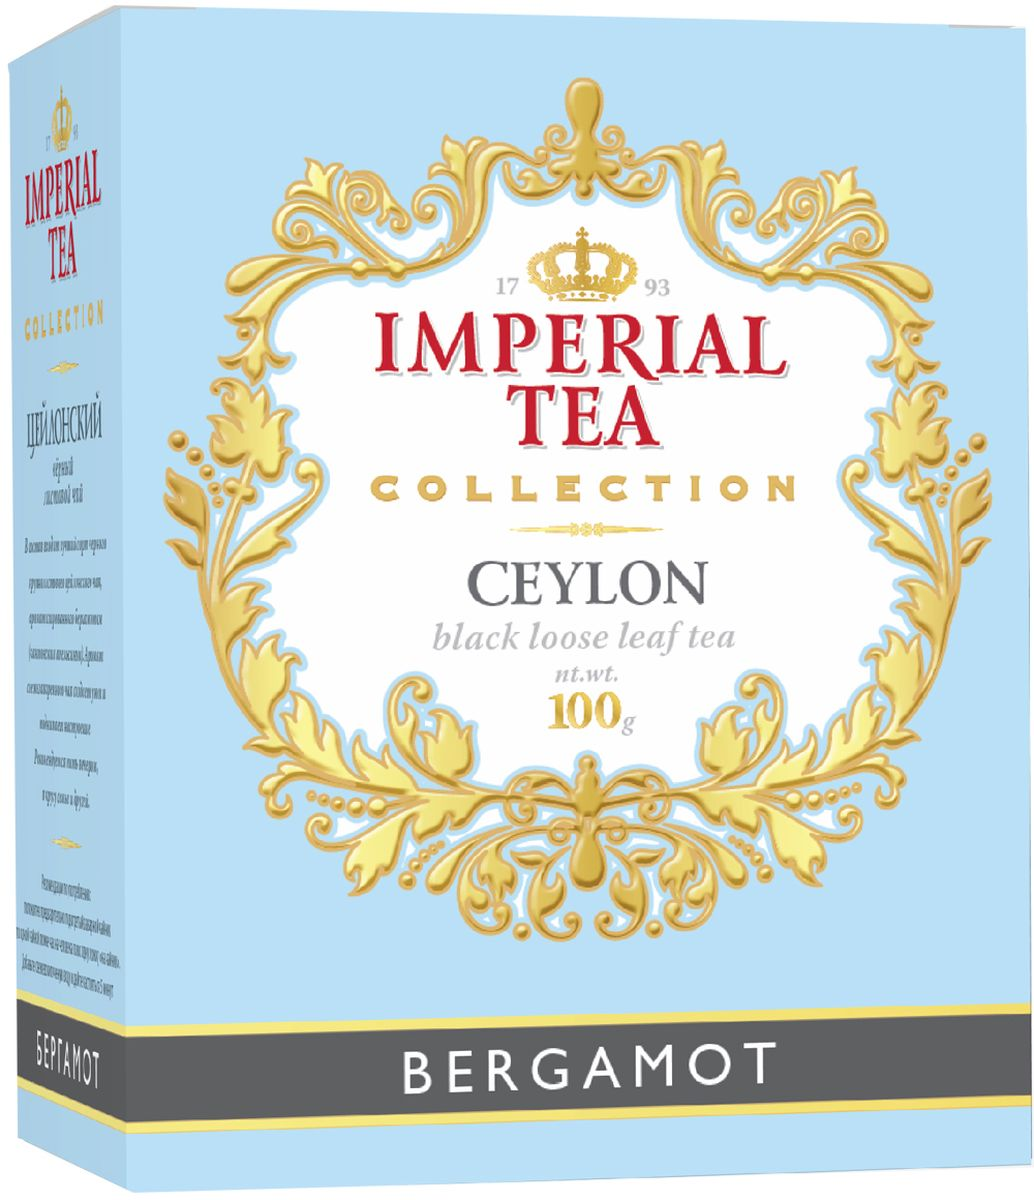 Императорский чай Collection Бергамот, 100 г императорский чай collection фруктовый 100 г